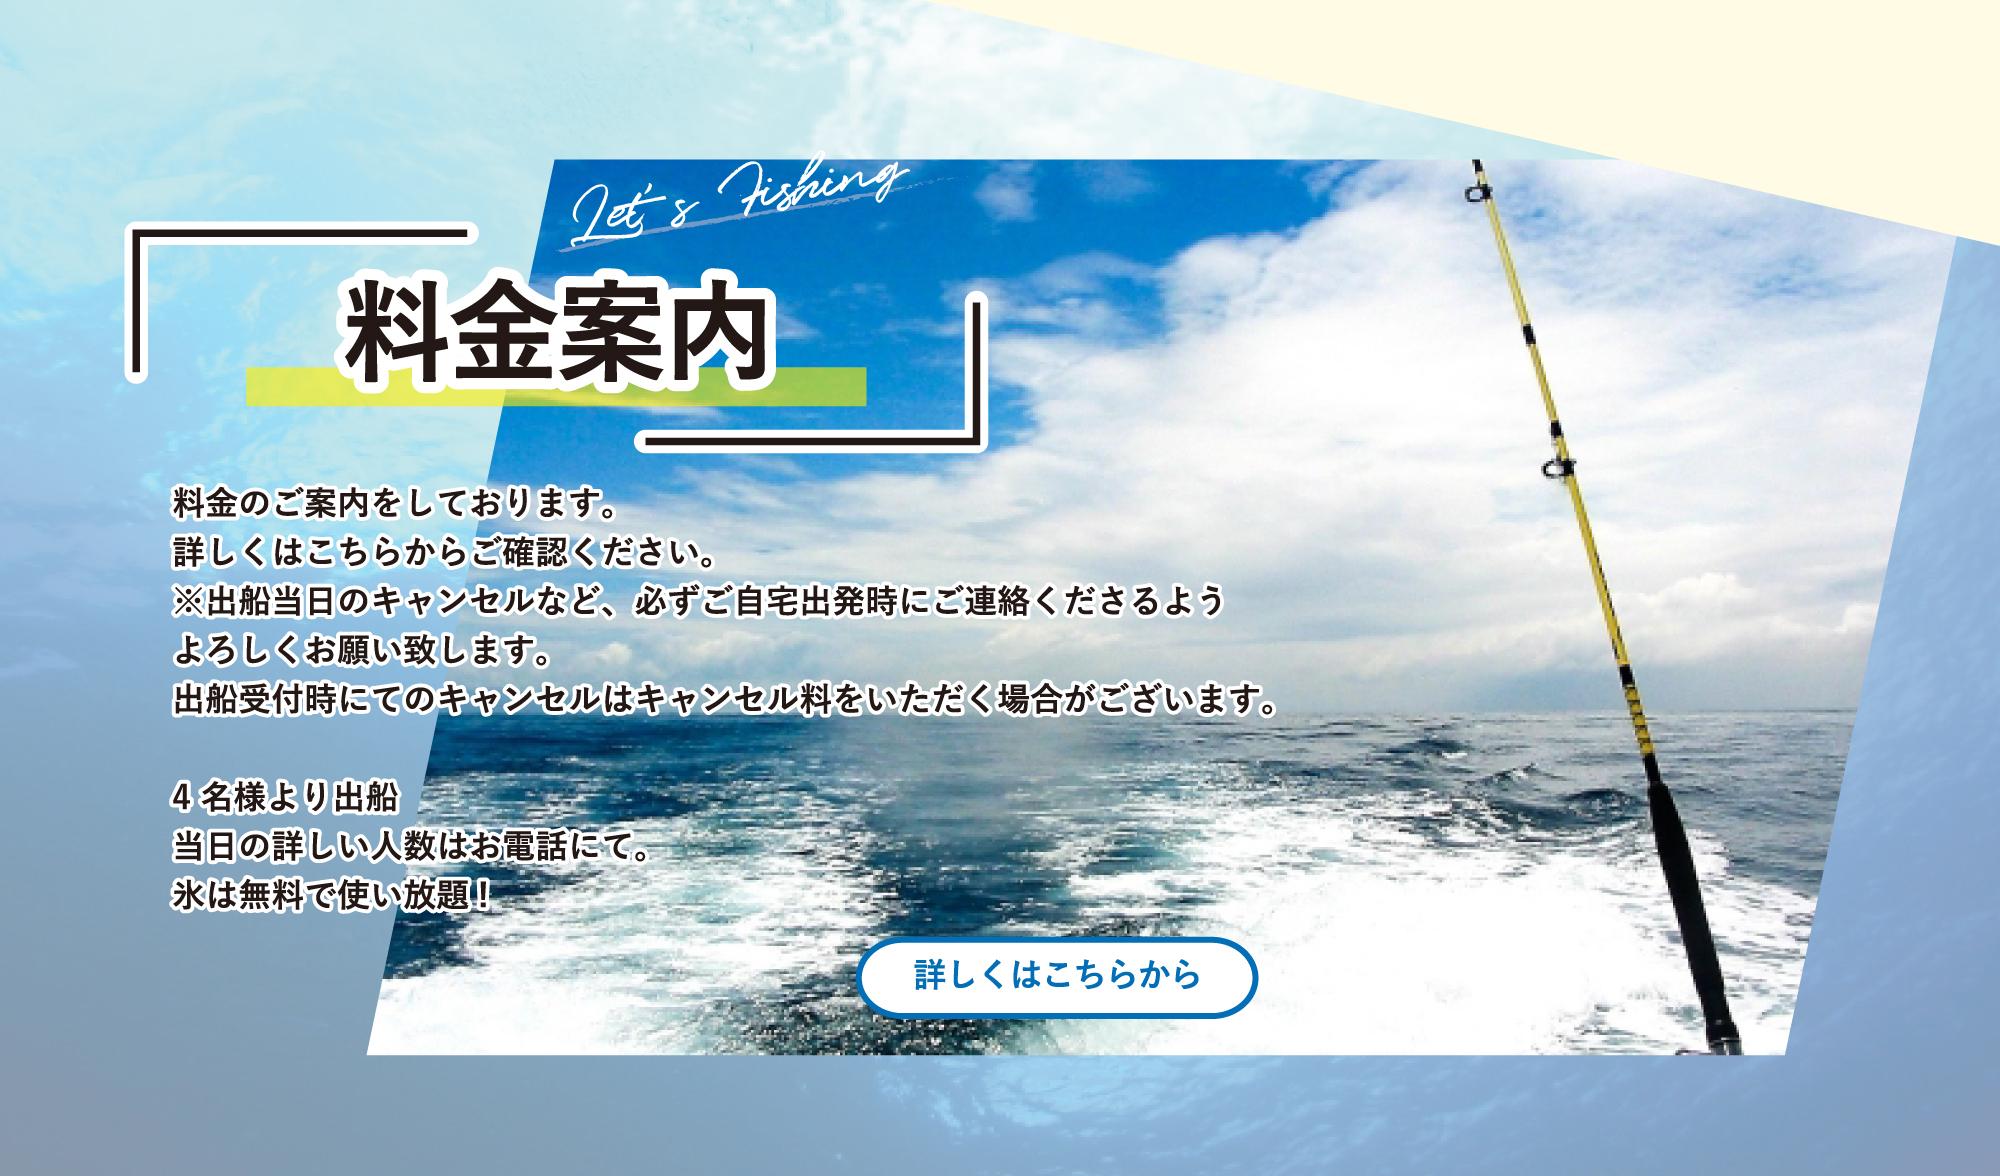 料金のご案内をしております。詳しくはこちらからご確認ください。※出船当日のキャンセルなど、必ずご自宅出発時にご連絡くださるようよろしくお願い致します。出船受付時にてのキャンセルはキャンセル料をいただく場合がございます。集合時間:17:30マイカ釣りPM6:00∼AM12:00 4名様より出船当日の詳しい人数はお電話にて。氷は無料で使い放題!